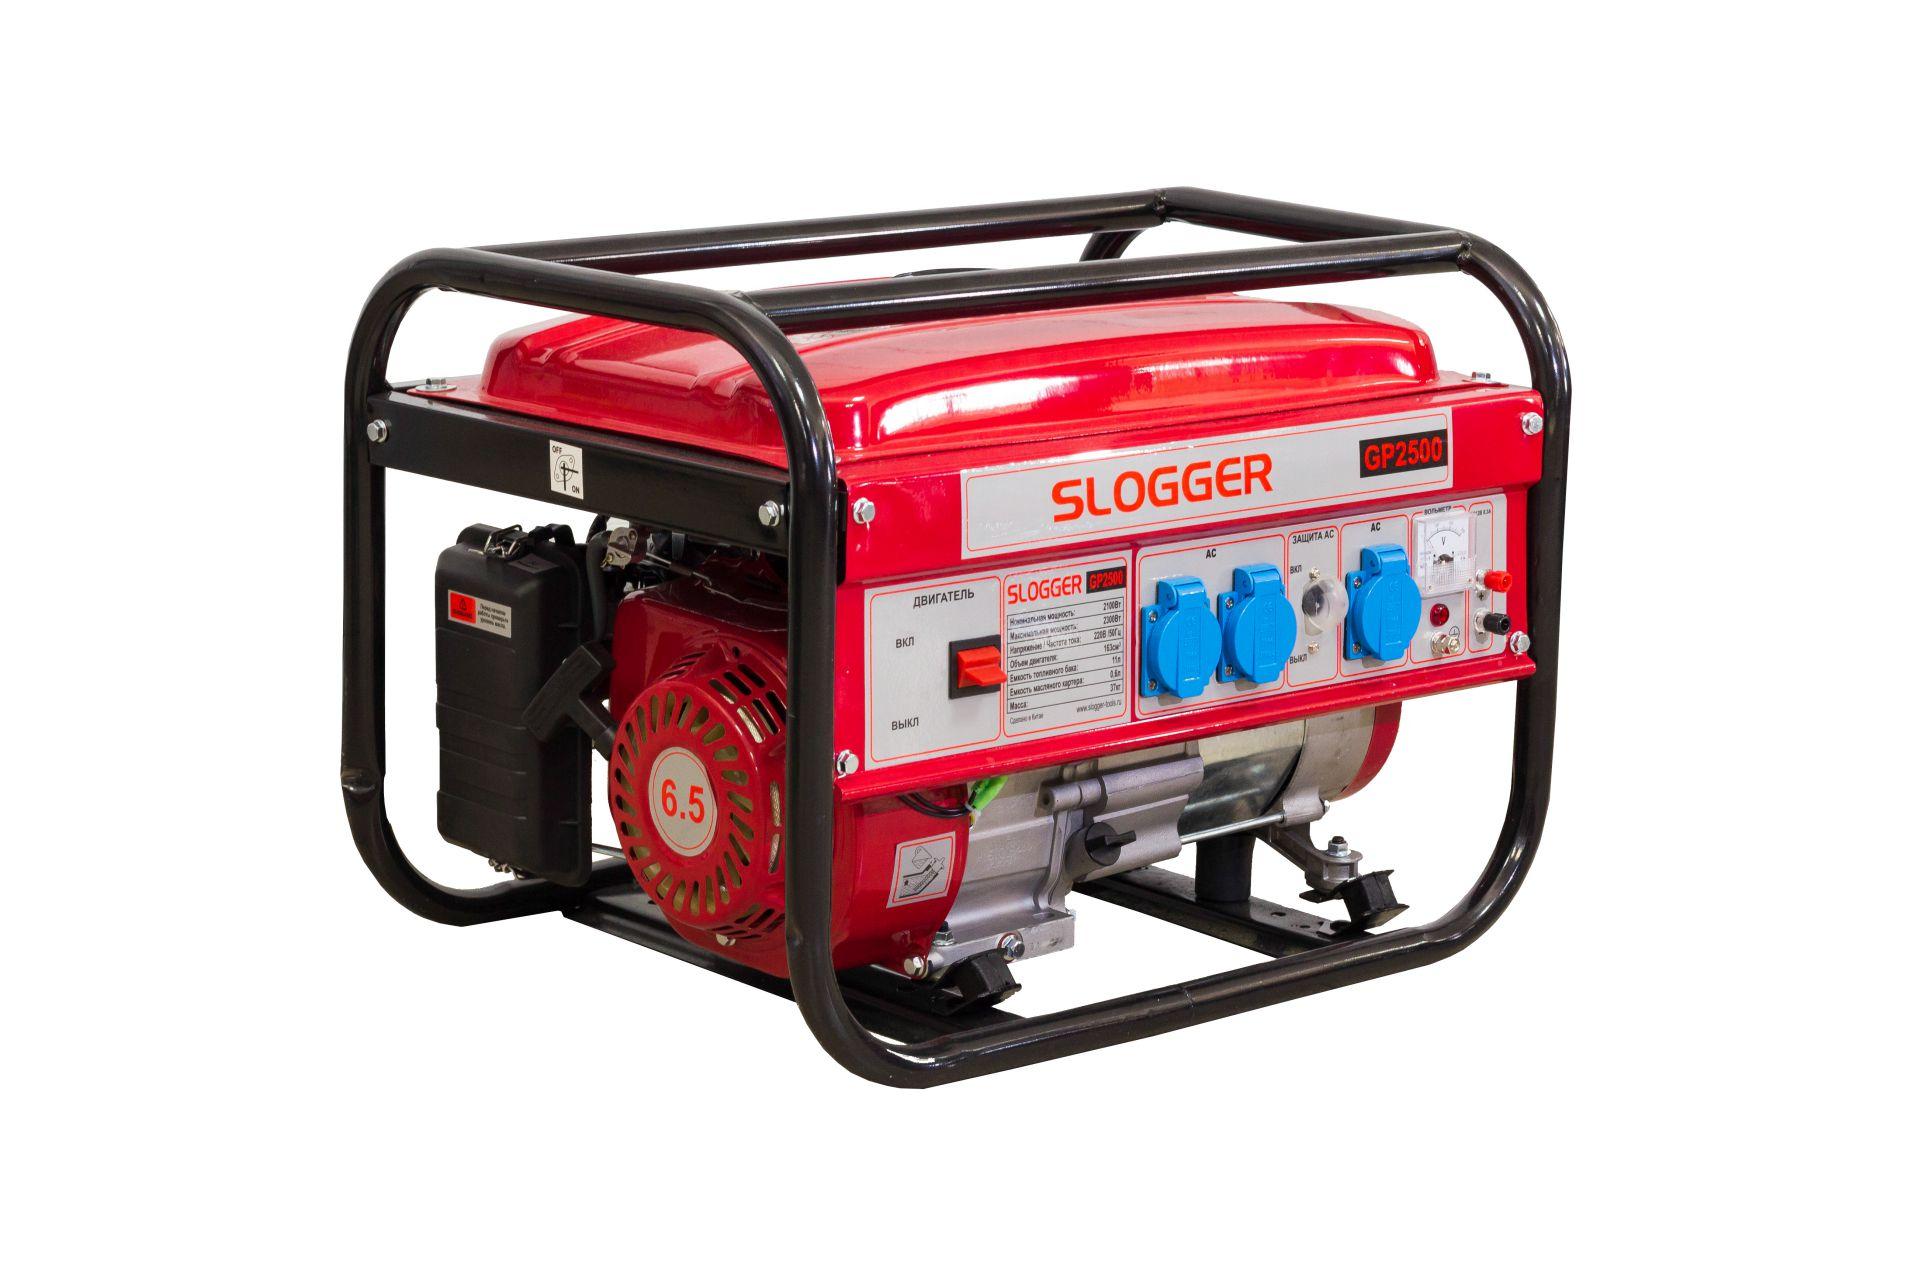 Бензиновые генераторы для дачи: критерии выбора и модели